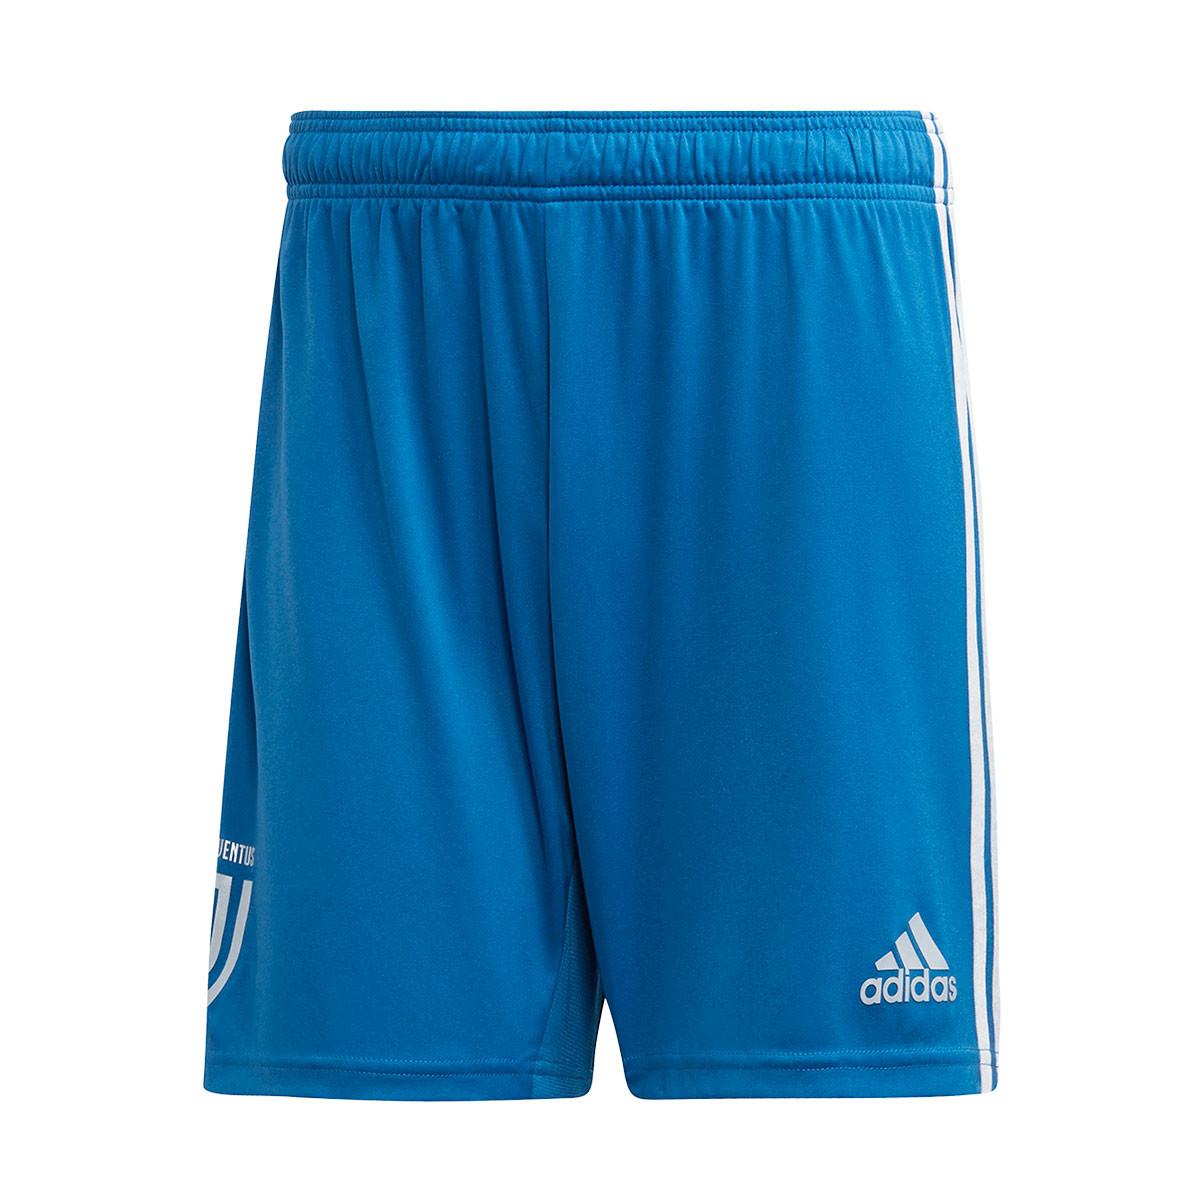 miglior servizio 3161a 1b4fd Lunghi Tuta Pantaloncini Tuta Tuta Adidas Adidas ...